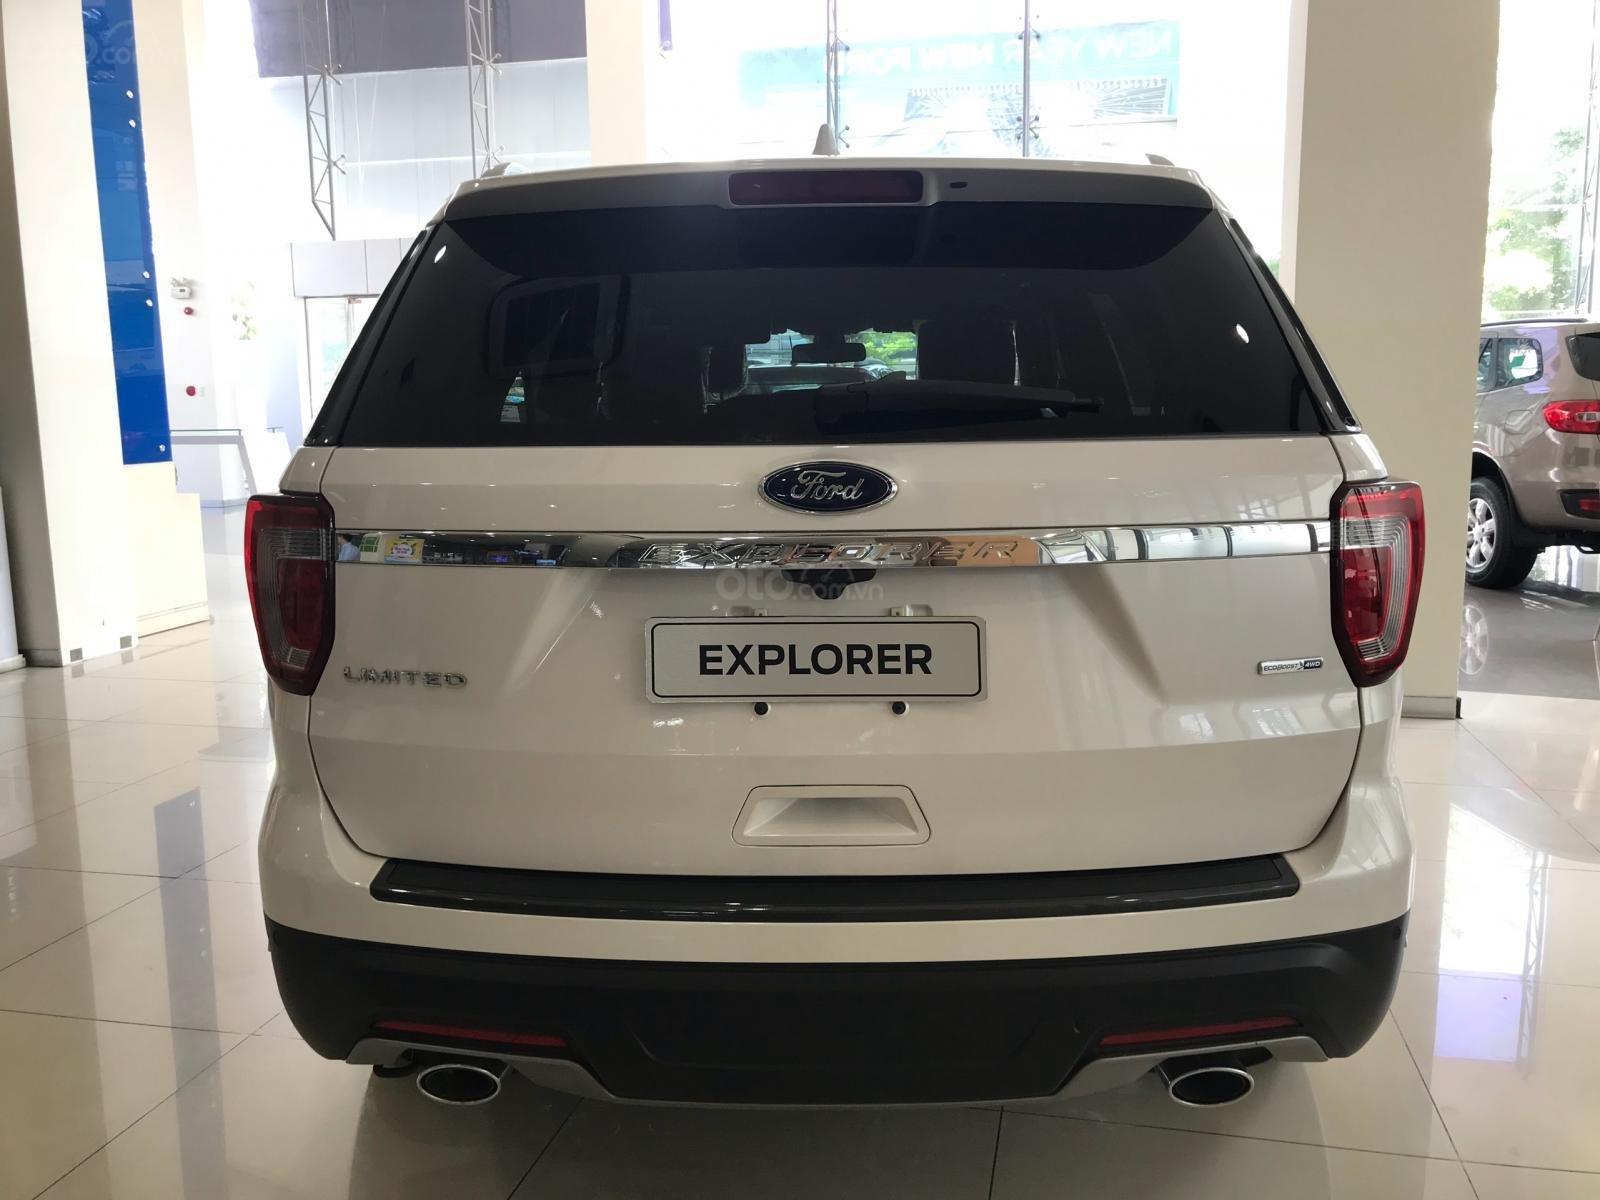 Bán Ford Explorer mới 100%- đời 2019, full option, khuyến mãi hấp dẫn, phụ kiện chính hãng 100% (3)